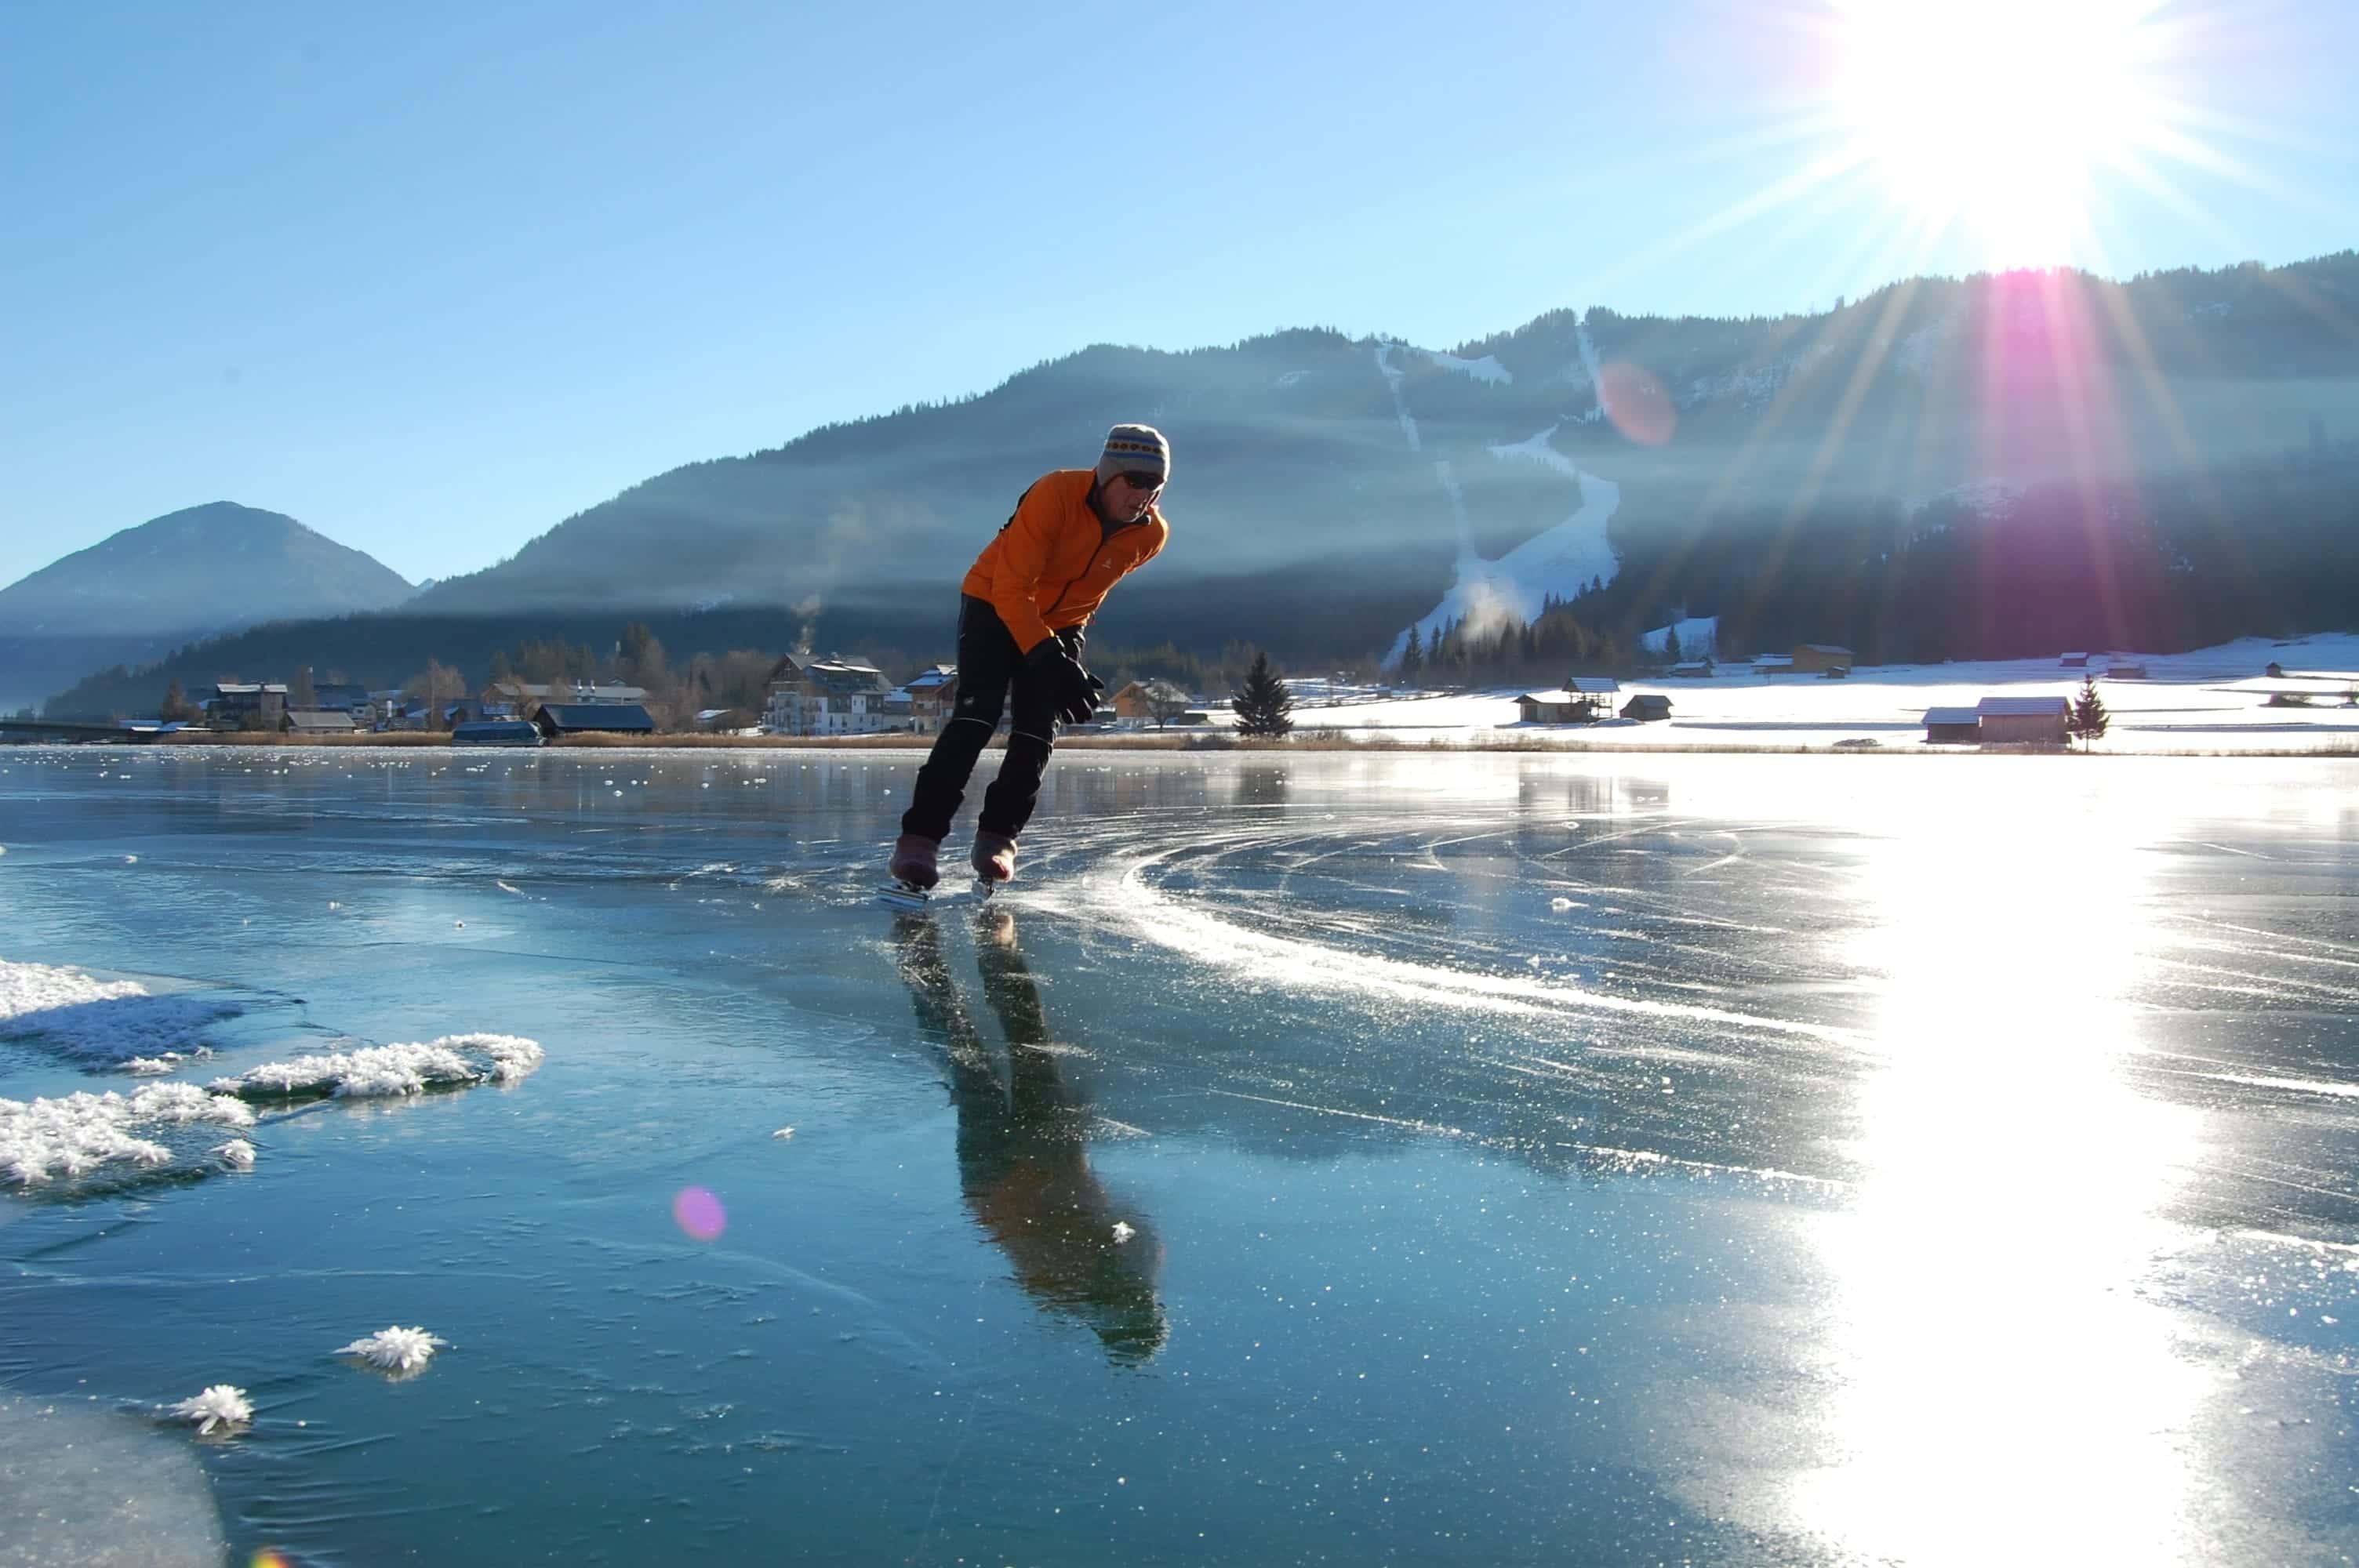 Sie sehen einen Mann am Weissensee im Winter eislaufen. JUFA Hotels bieten erholsamen Familienurlaub und einen unvergesslichen Winter- und Wanderurlaub